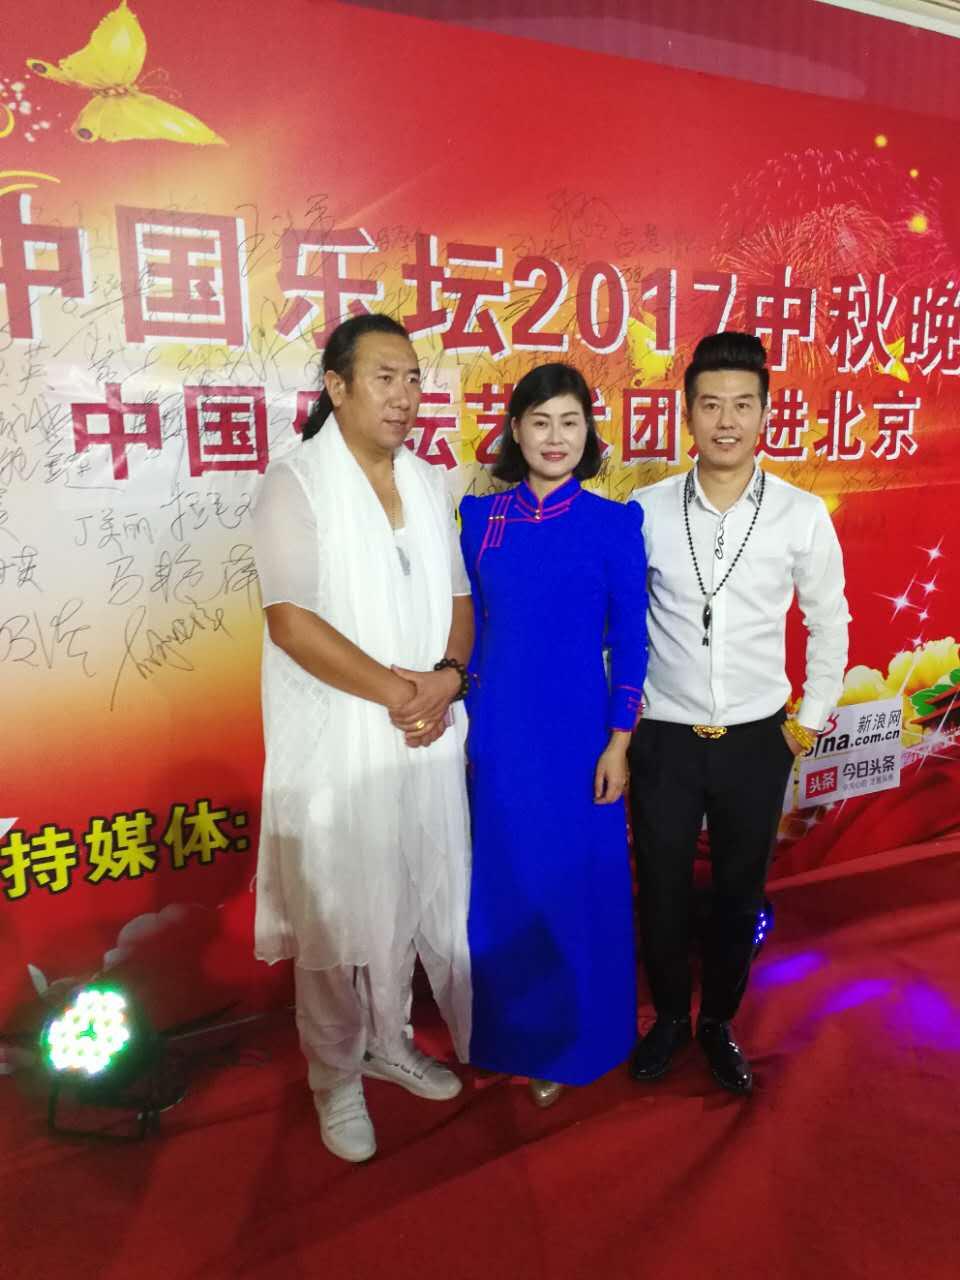 中国乐坛2017中秋晚会在北京成功录制完成,百位歌手应邀演出